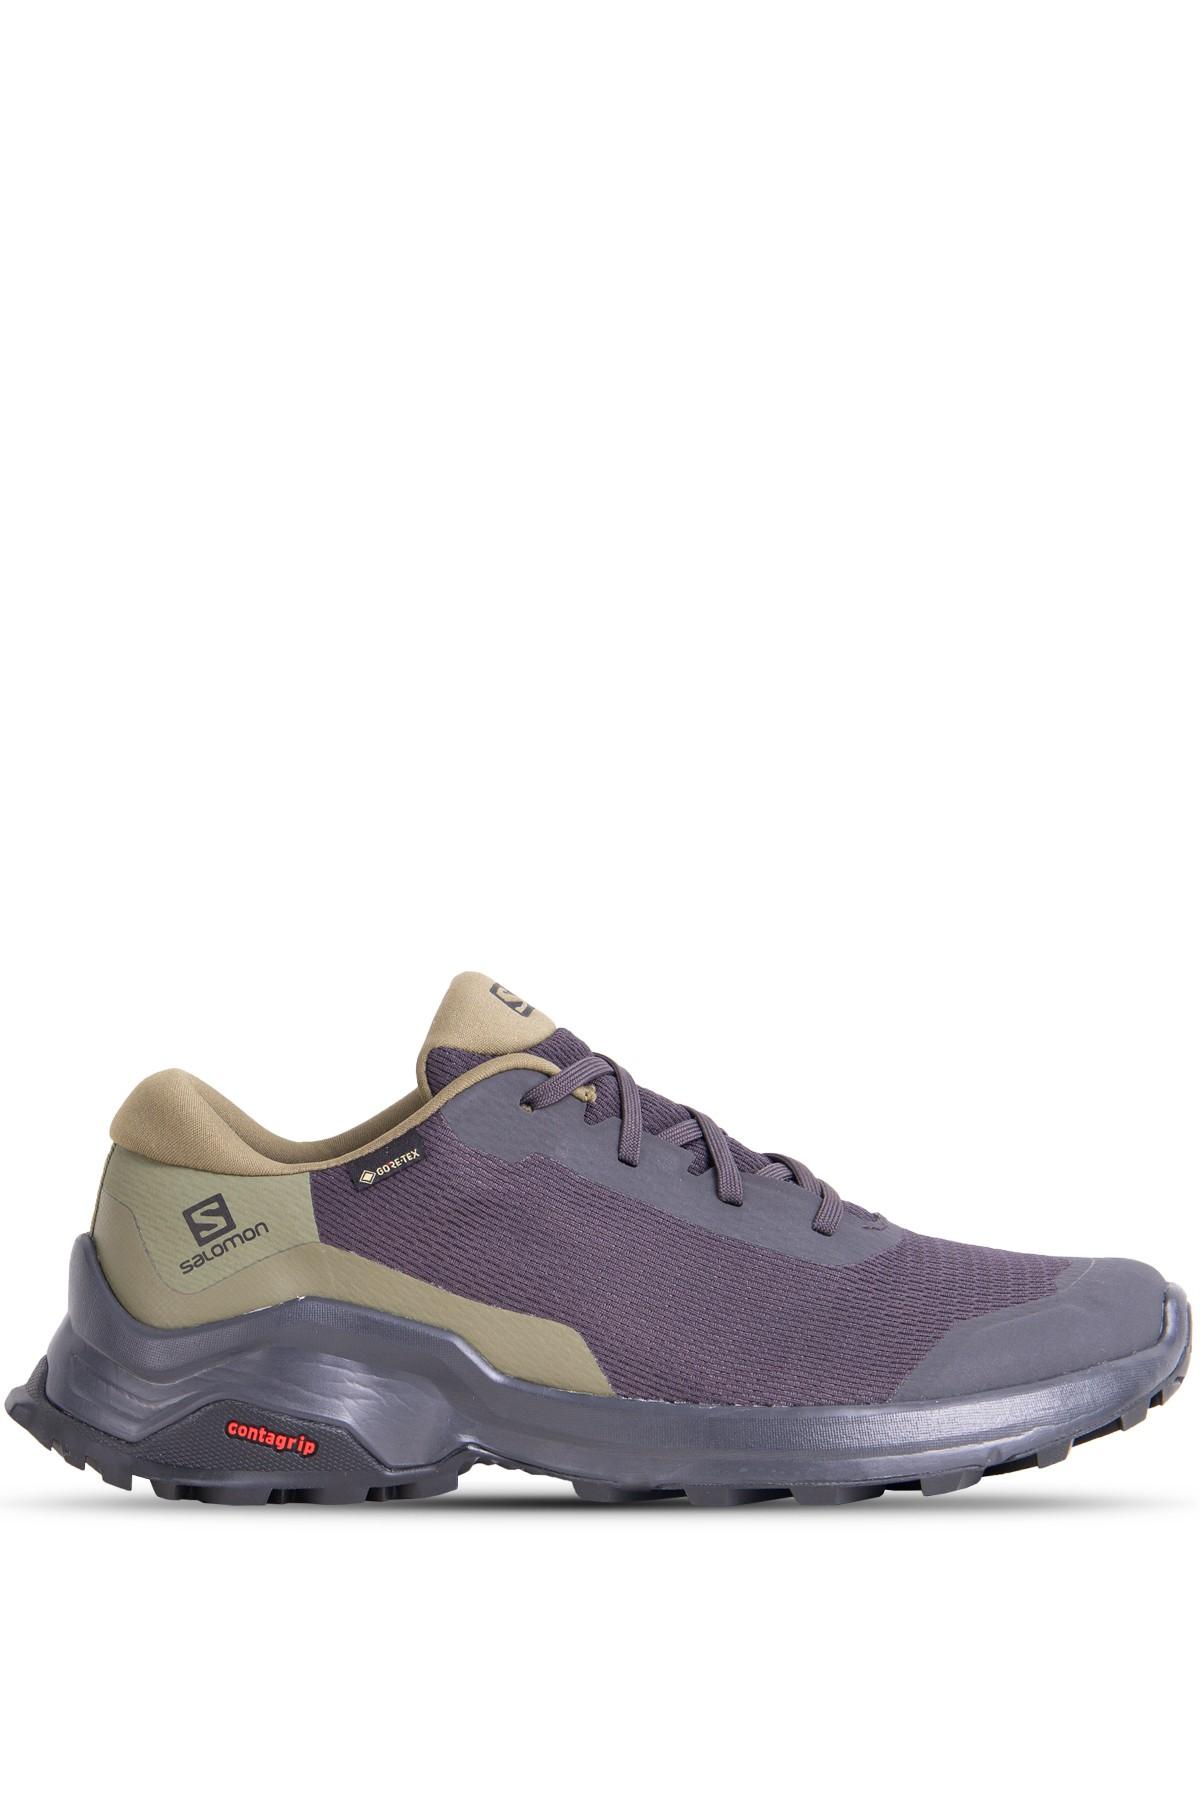 Salomon Erkek Haki Outdoor Ayakkabı (L41042100)